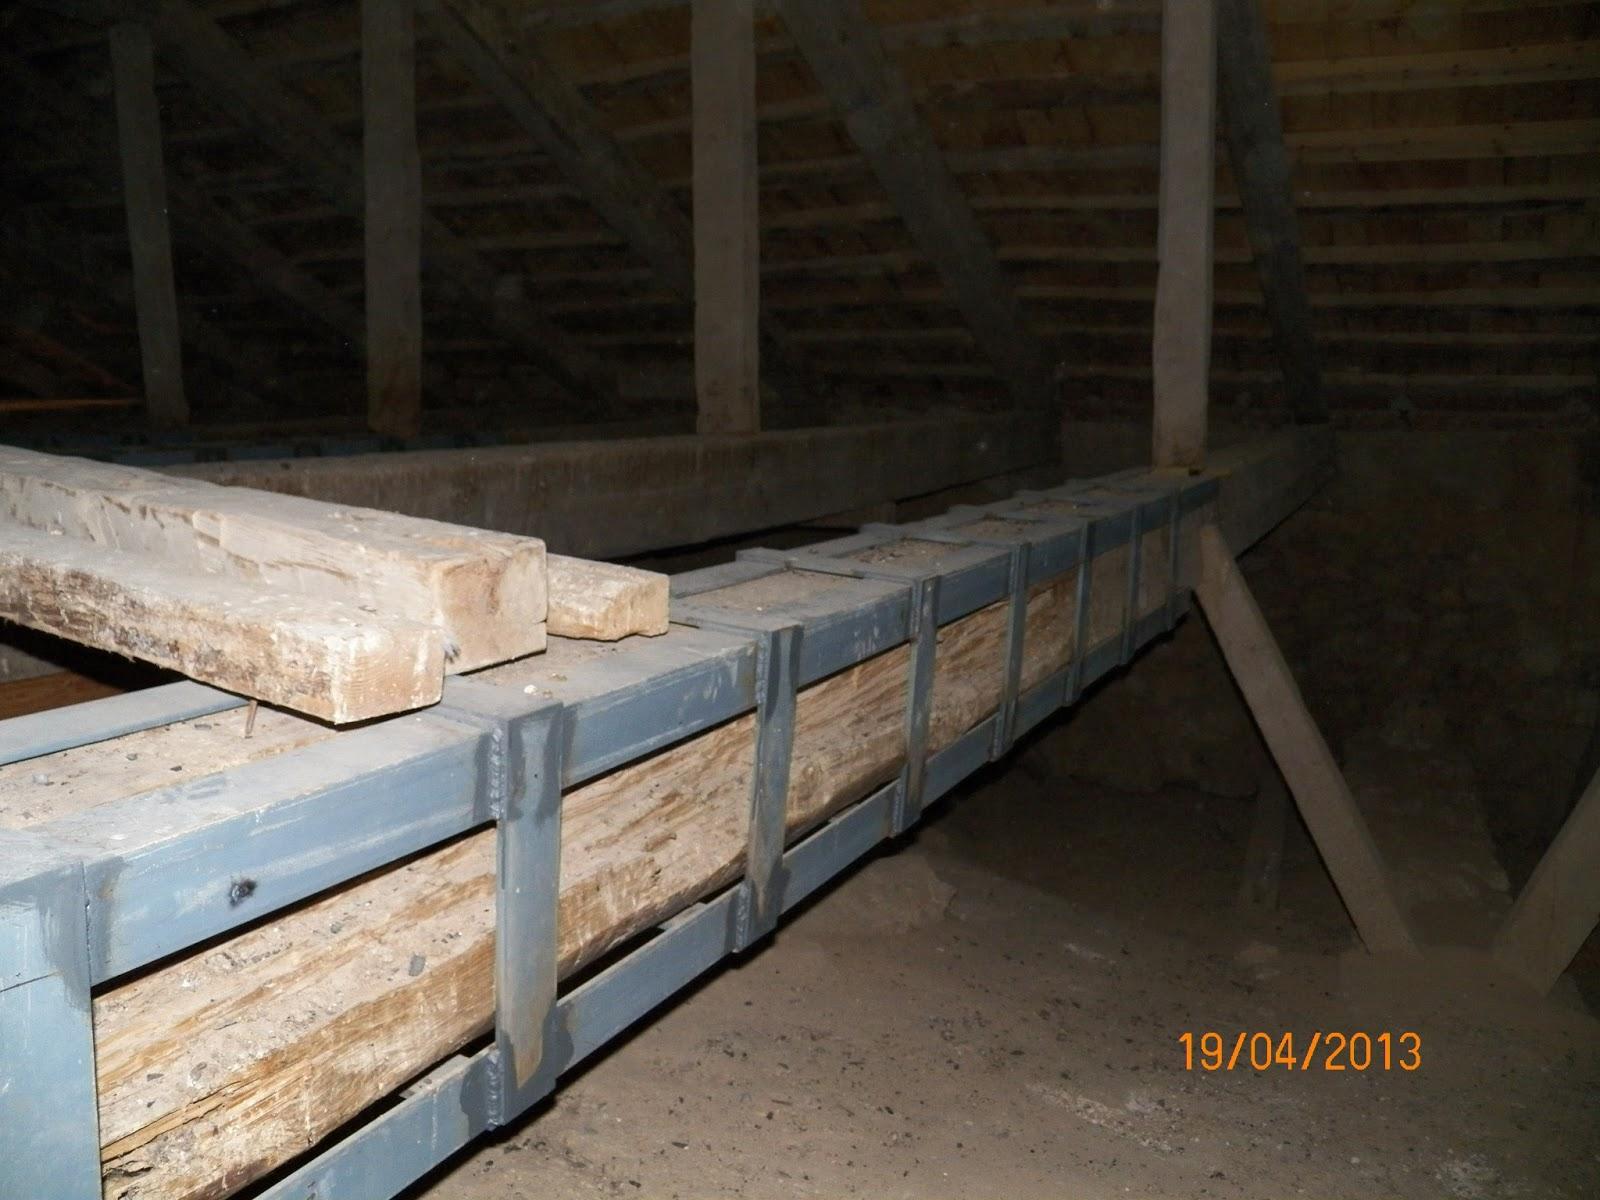 Todo tembleque obras de de la restauraci n de la iglesia abril 2013 - Restaurar vigas de madera ...